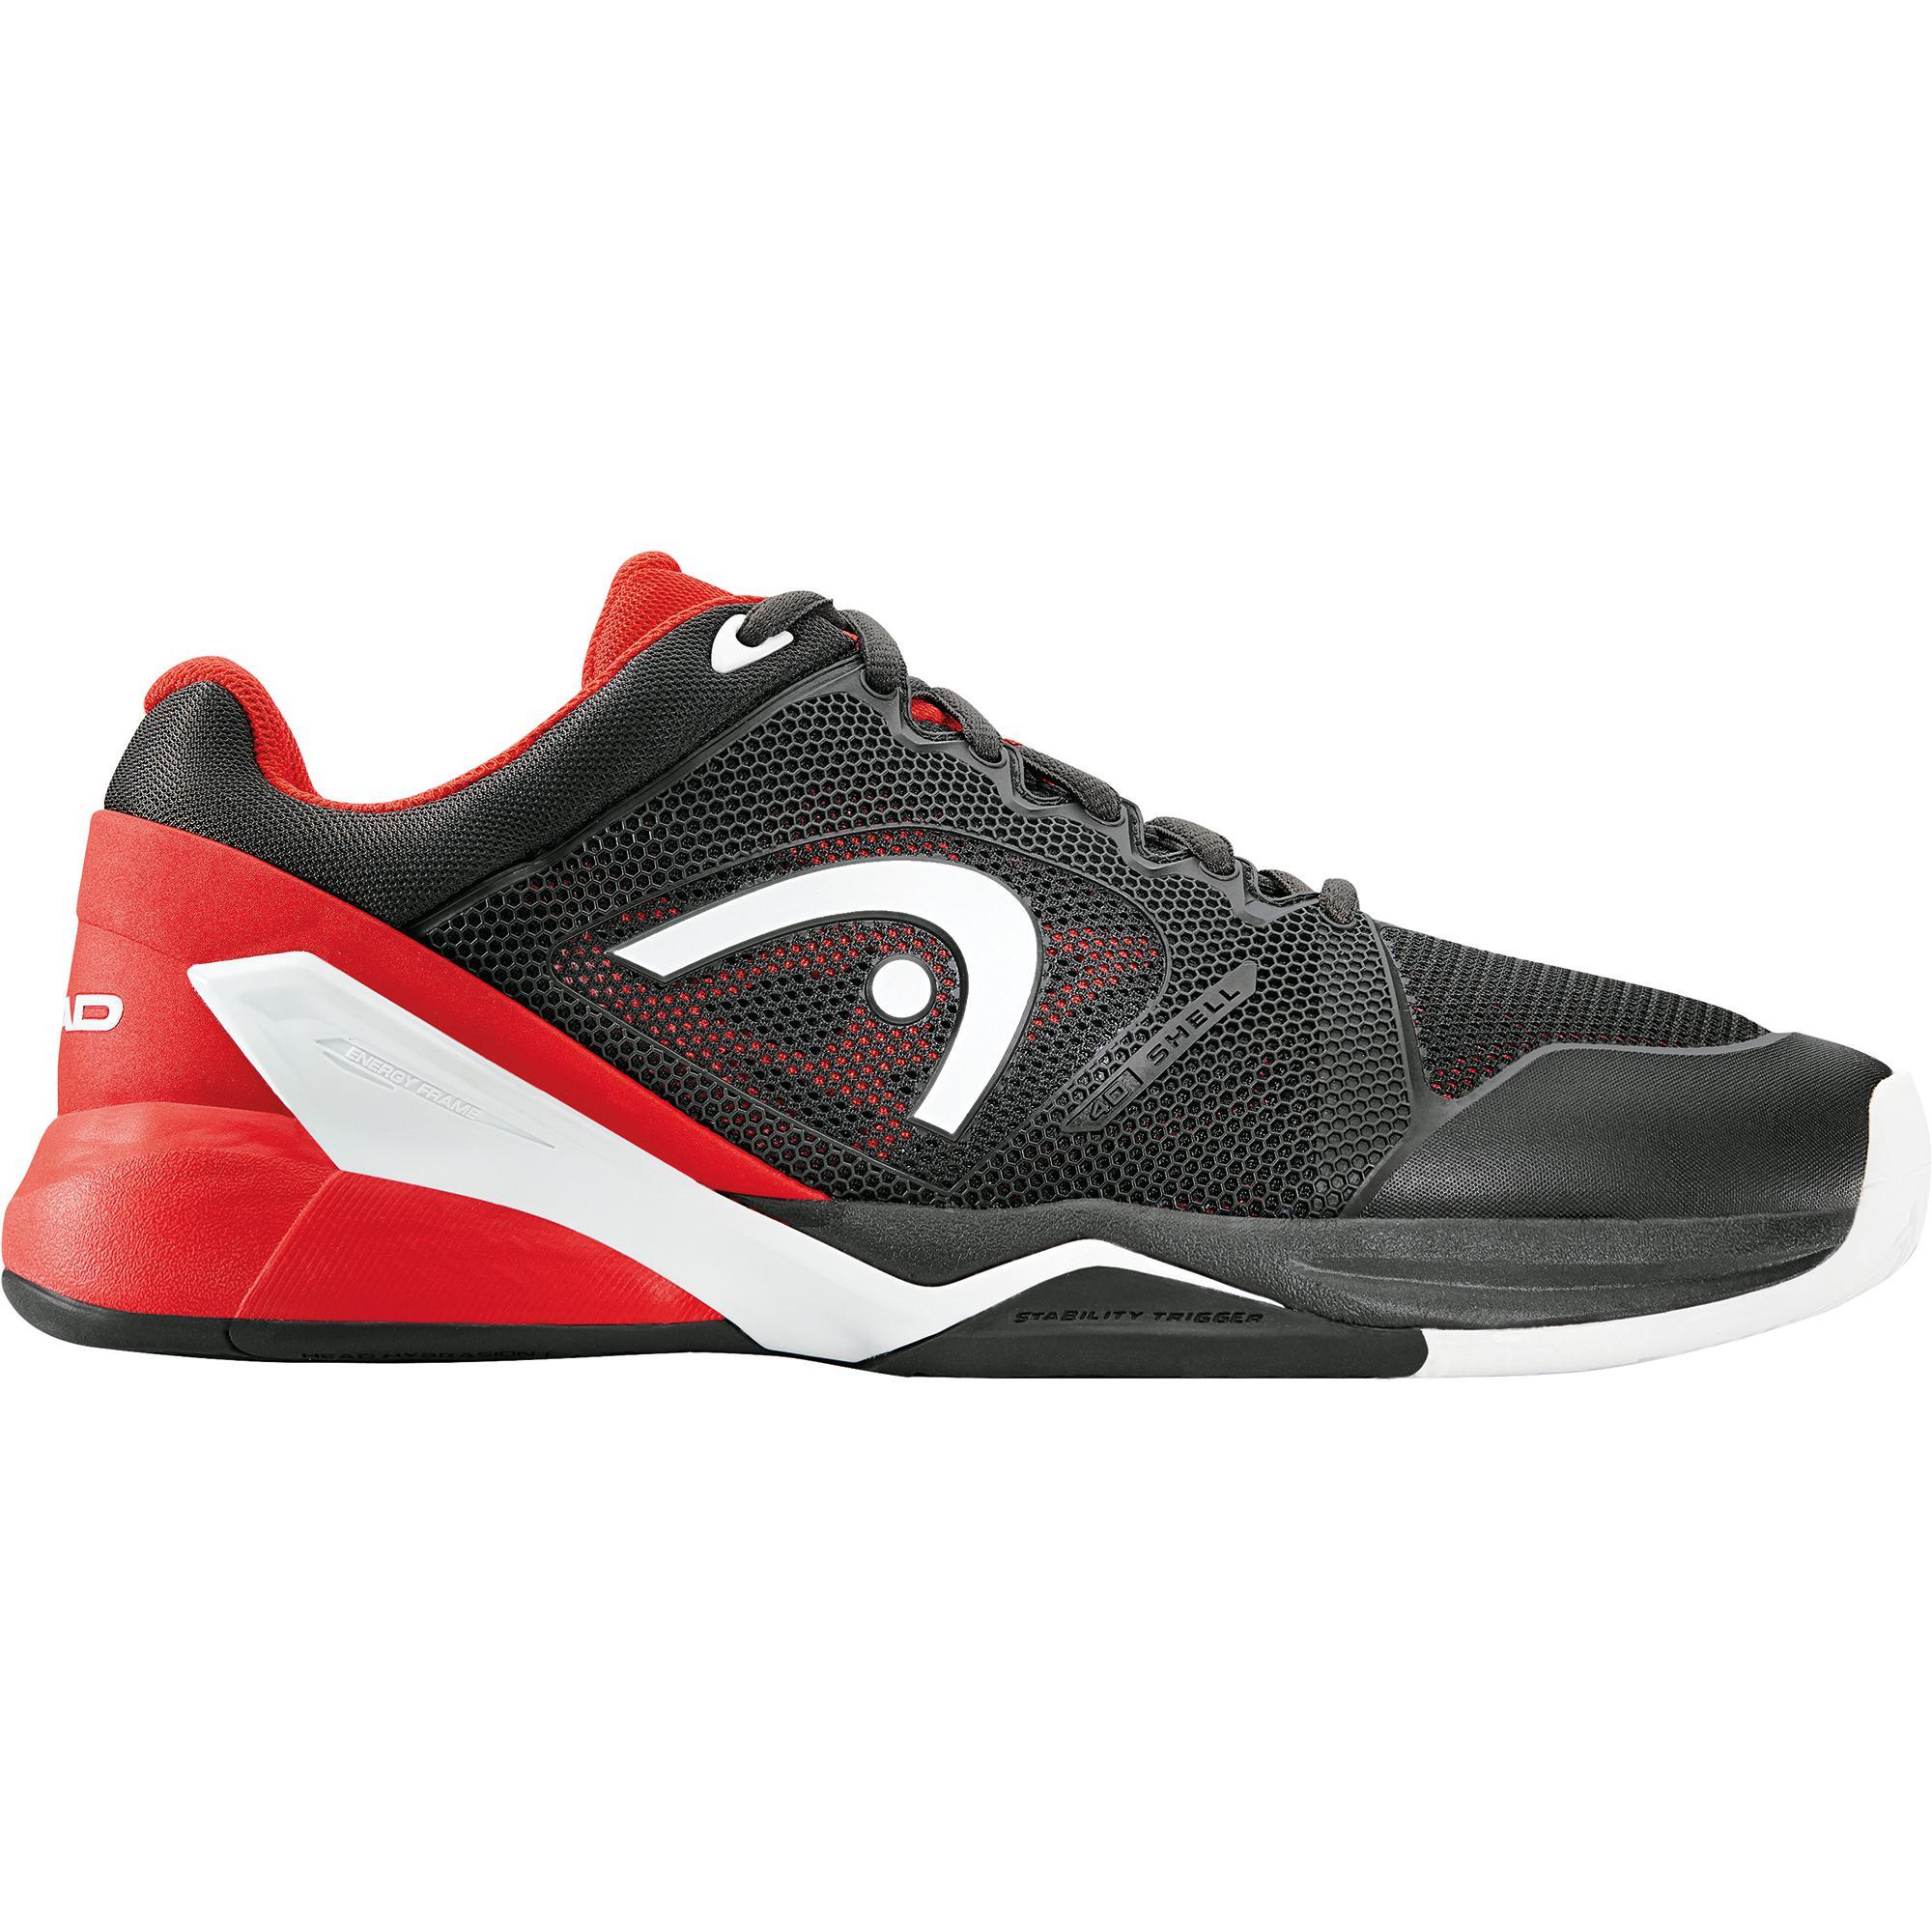 539987de8815b Head Mens Revolt Pro 2.0 Tennis Shoes - Raven Red - Tennisnuts.com